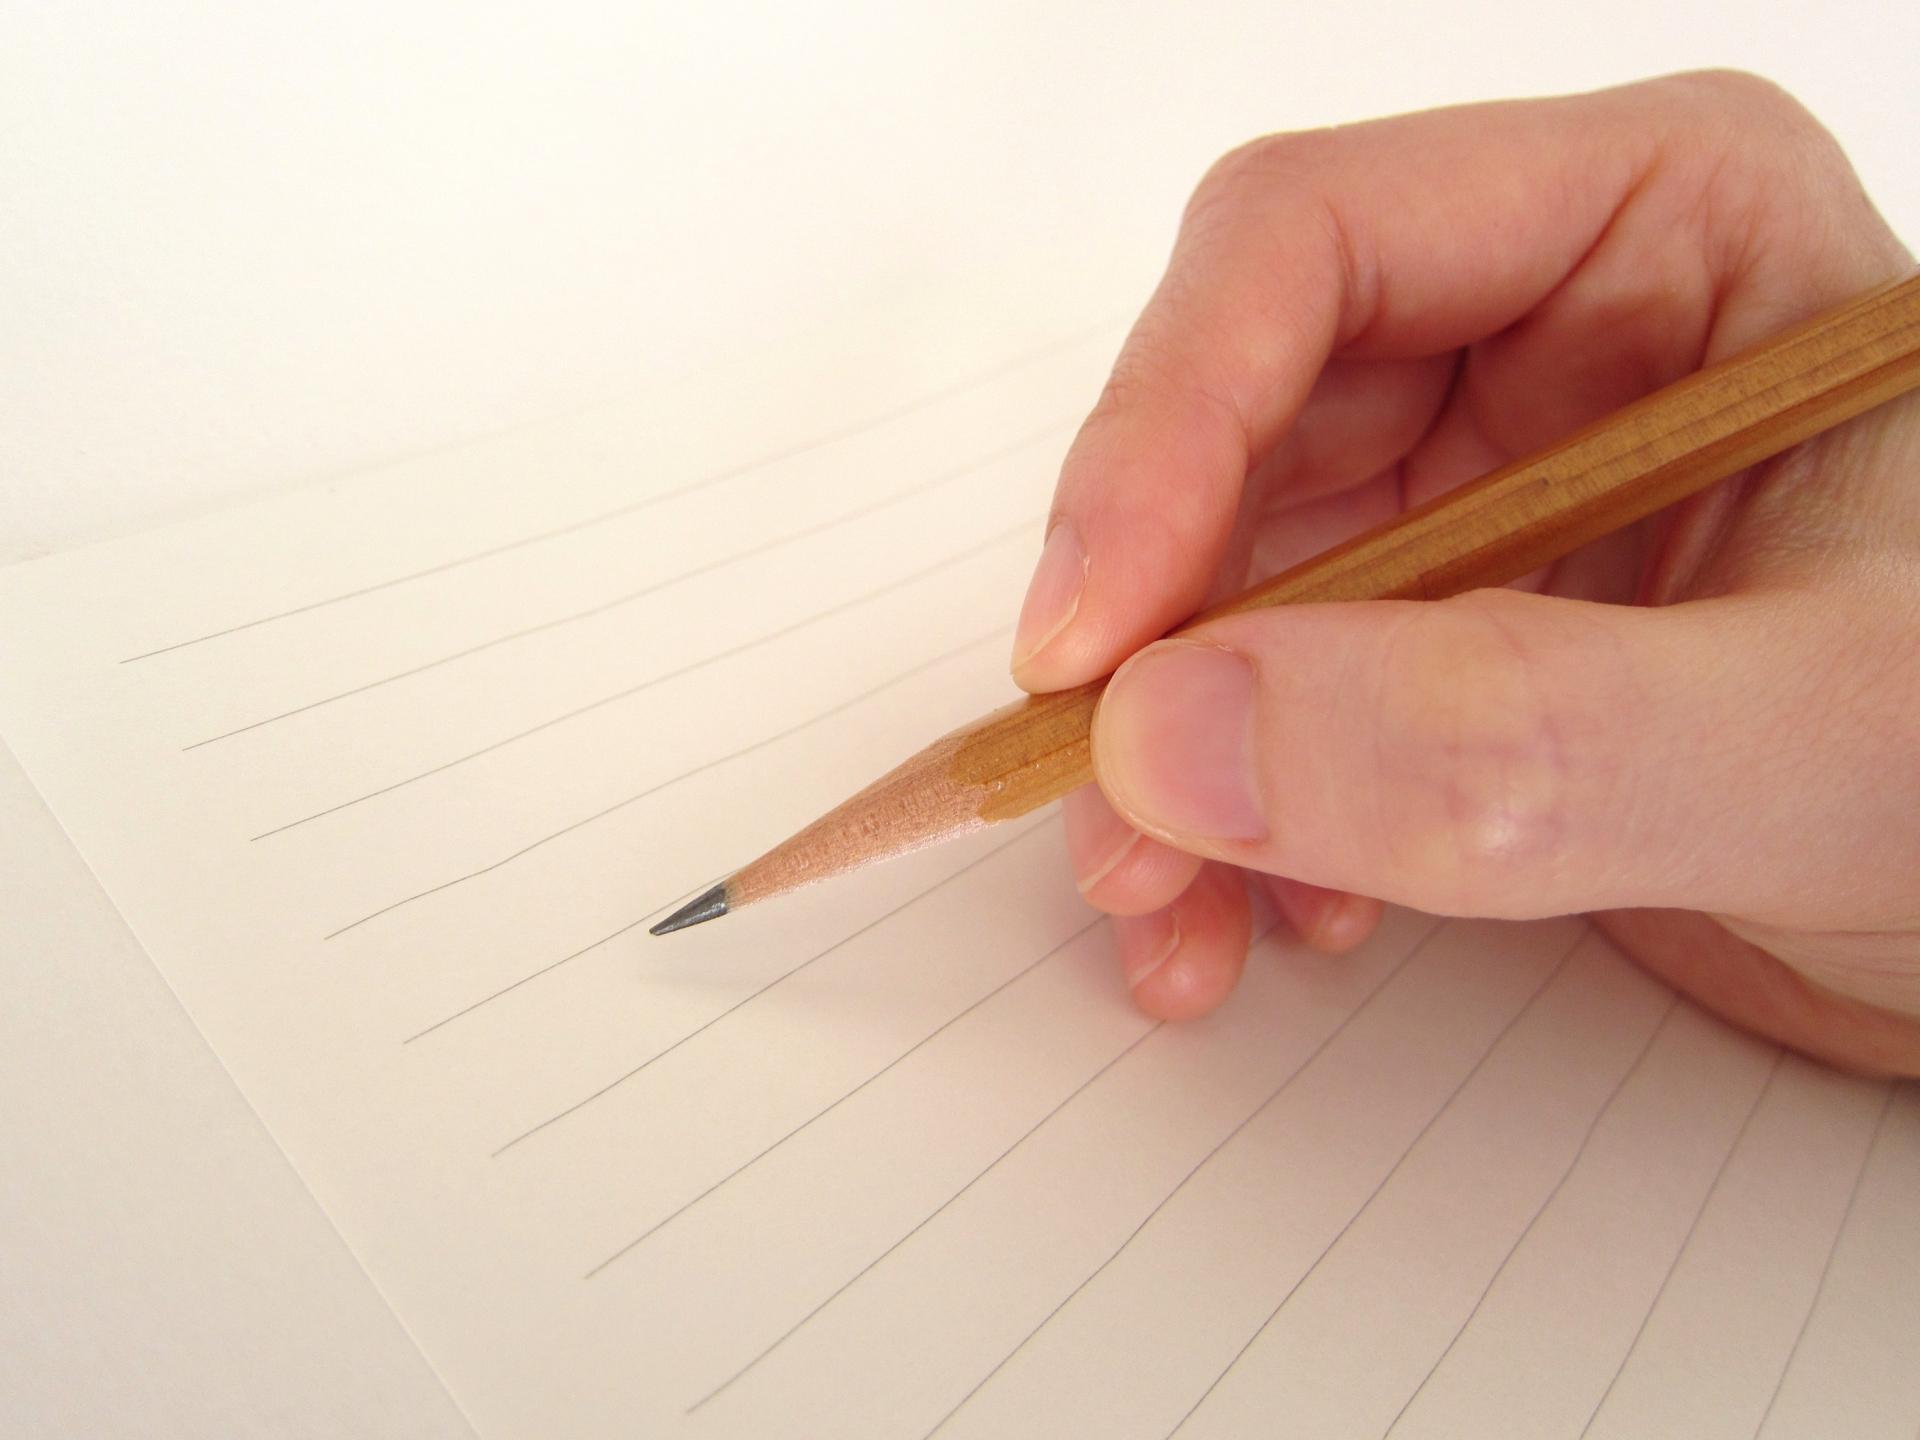 薬指 ペン だこ